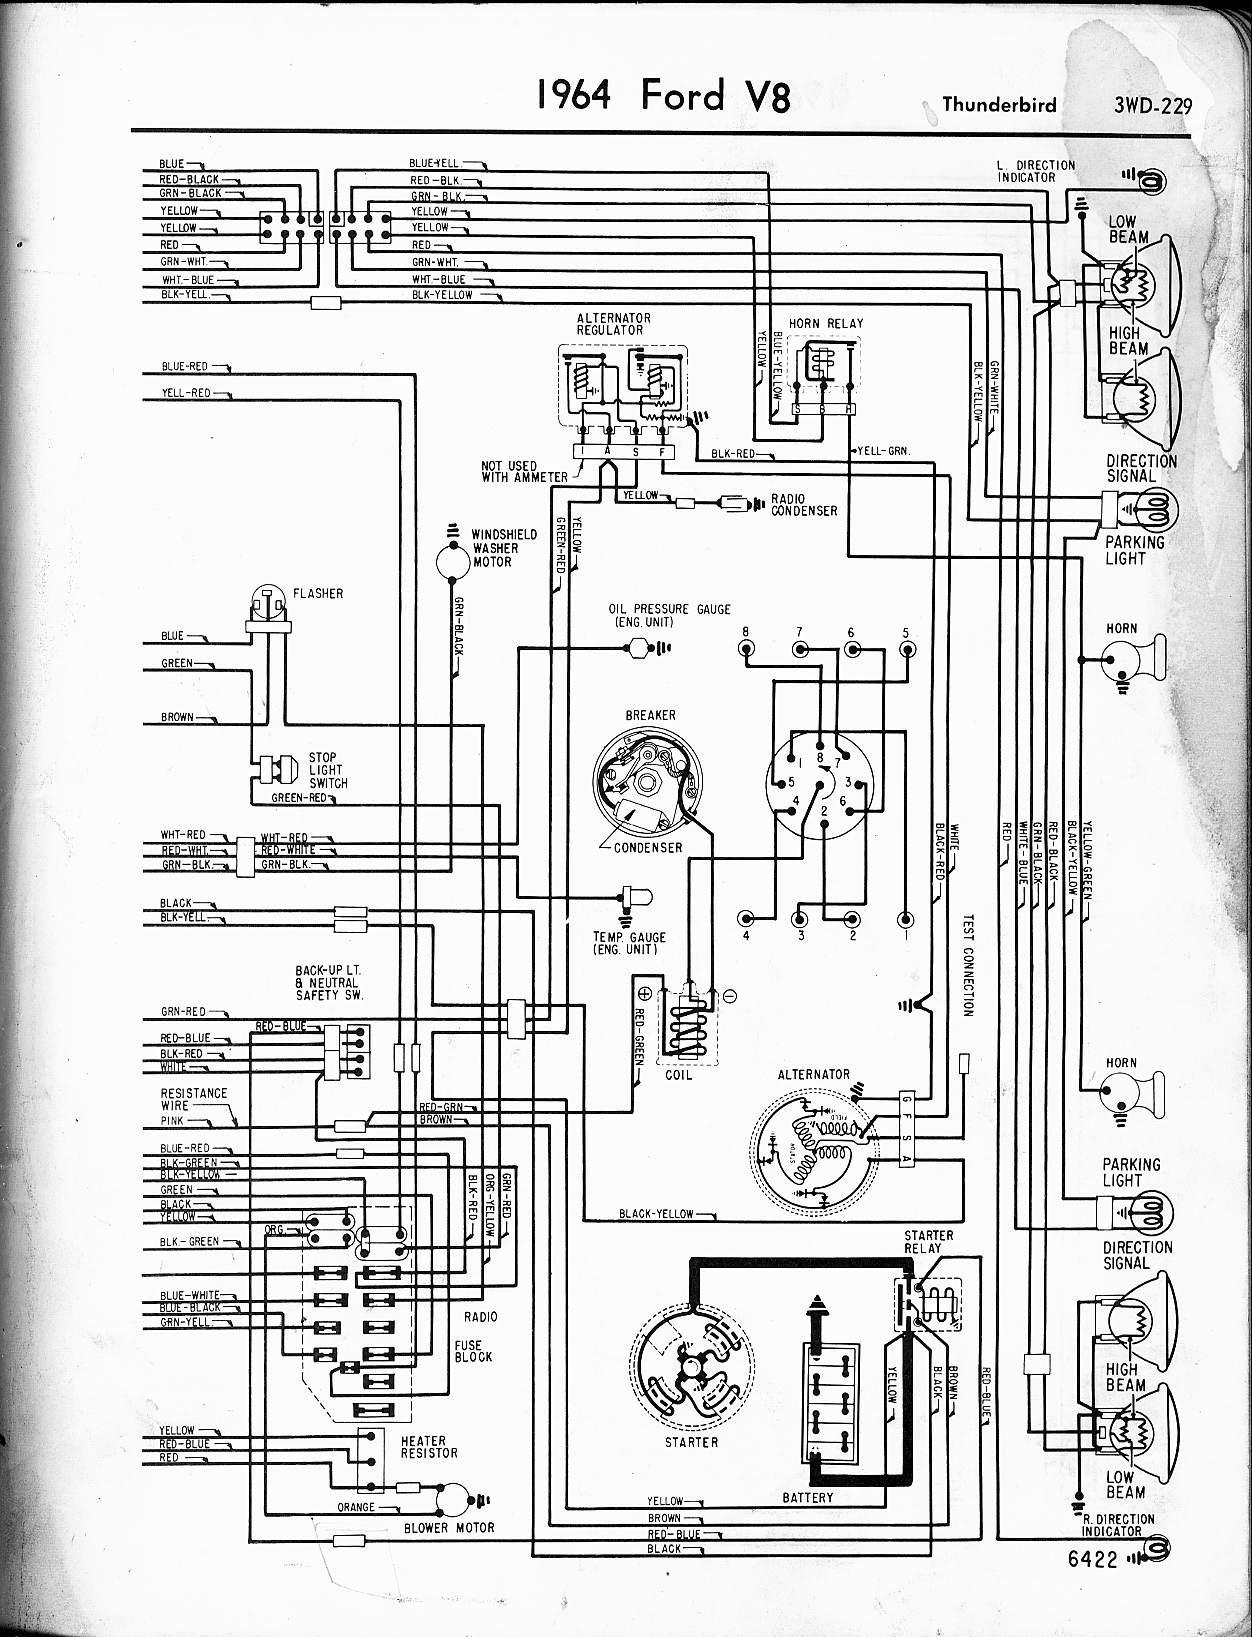 Wiring Diagram for A 1988 Club Car 57 65 ford Wiring Diagrams Of Wiring Diagram for A 1988 Club Car